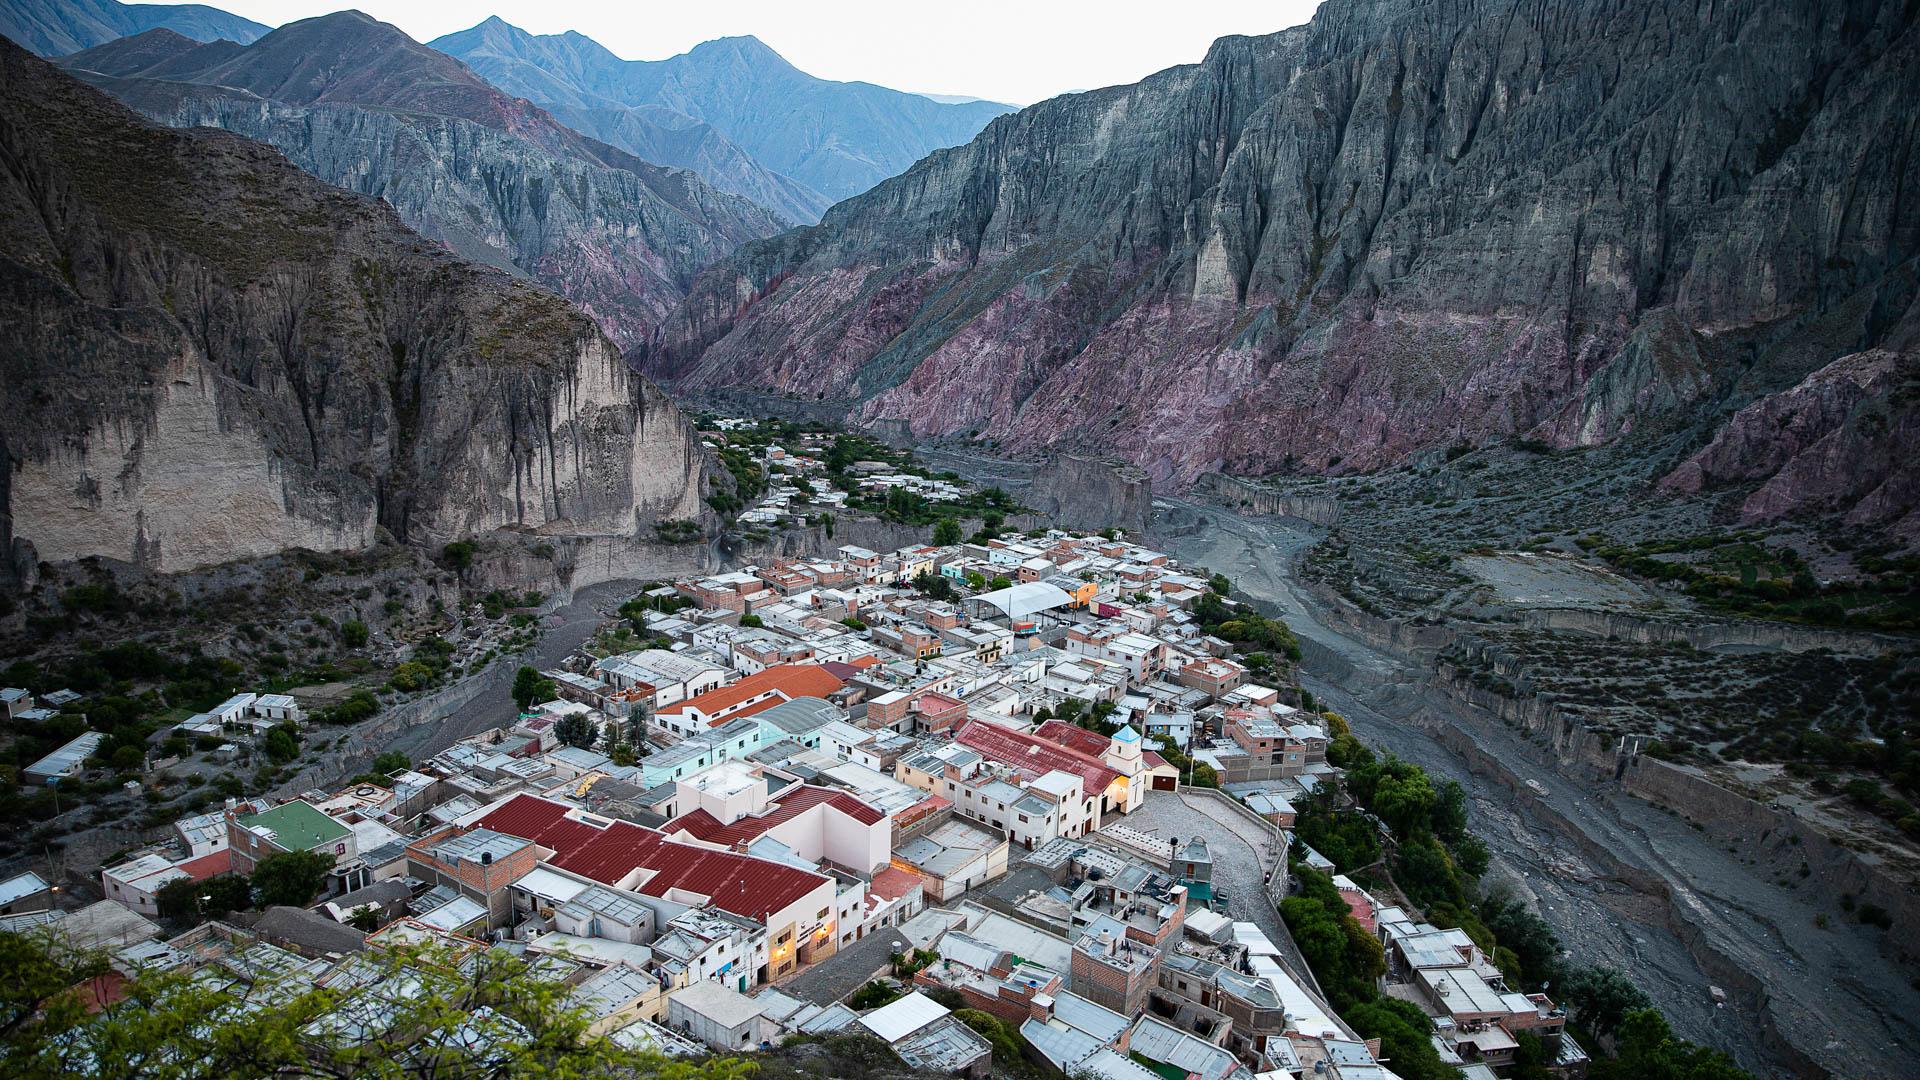 Amanecer en Iruya, el pueblo que parece colgado entre cerros y ríos.